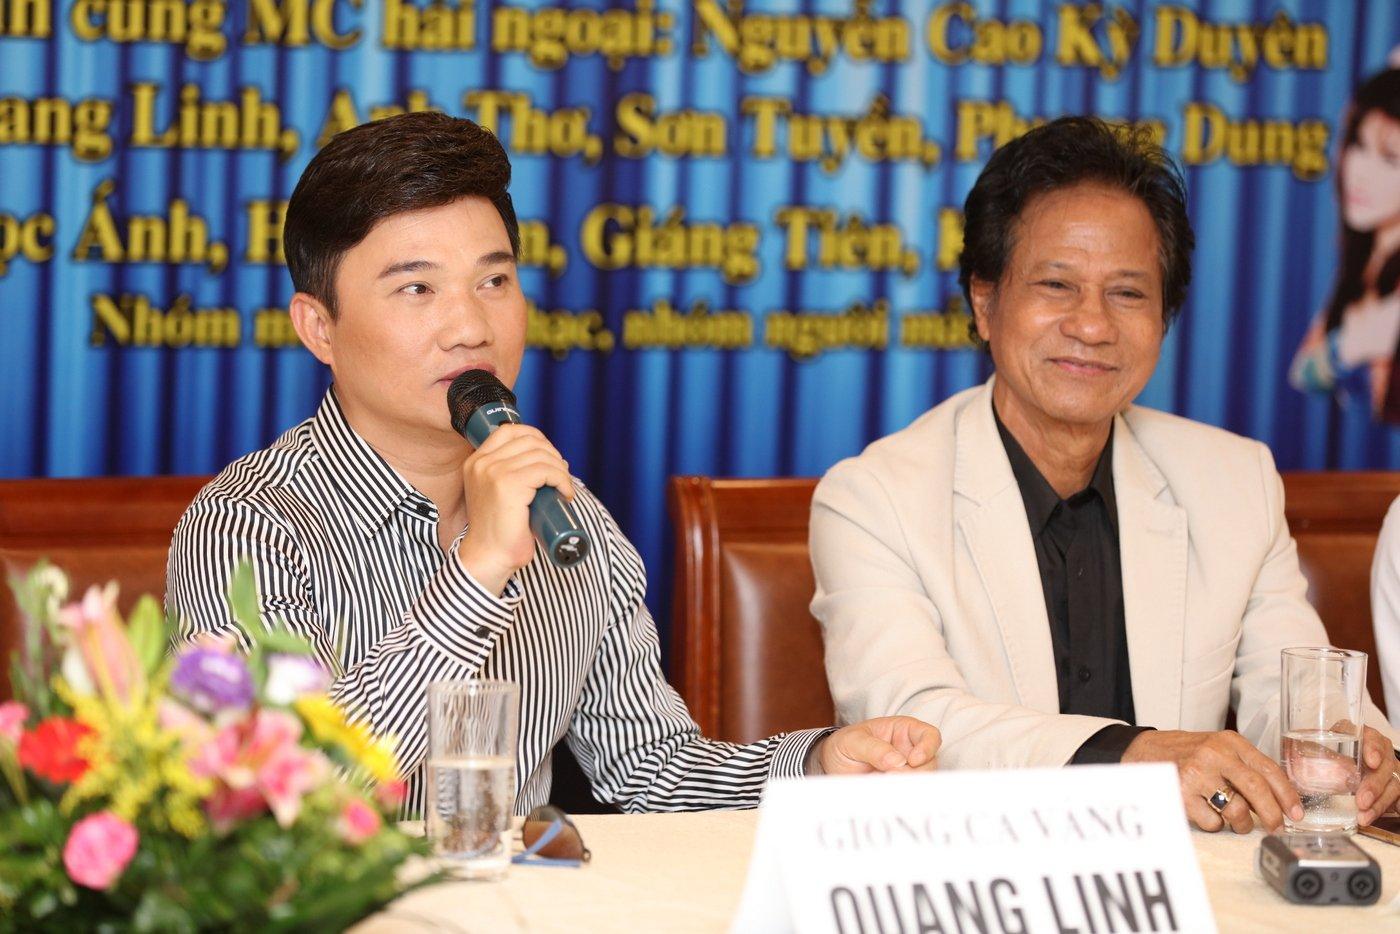 Sự thật cát-xê hát một bài mua được 4 căn nhà mặt phố của Quang Linh 2